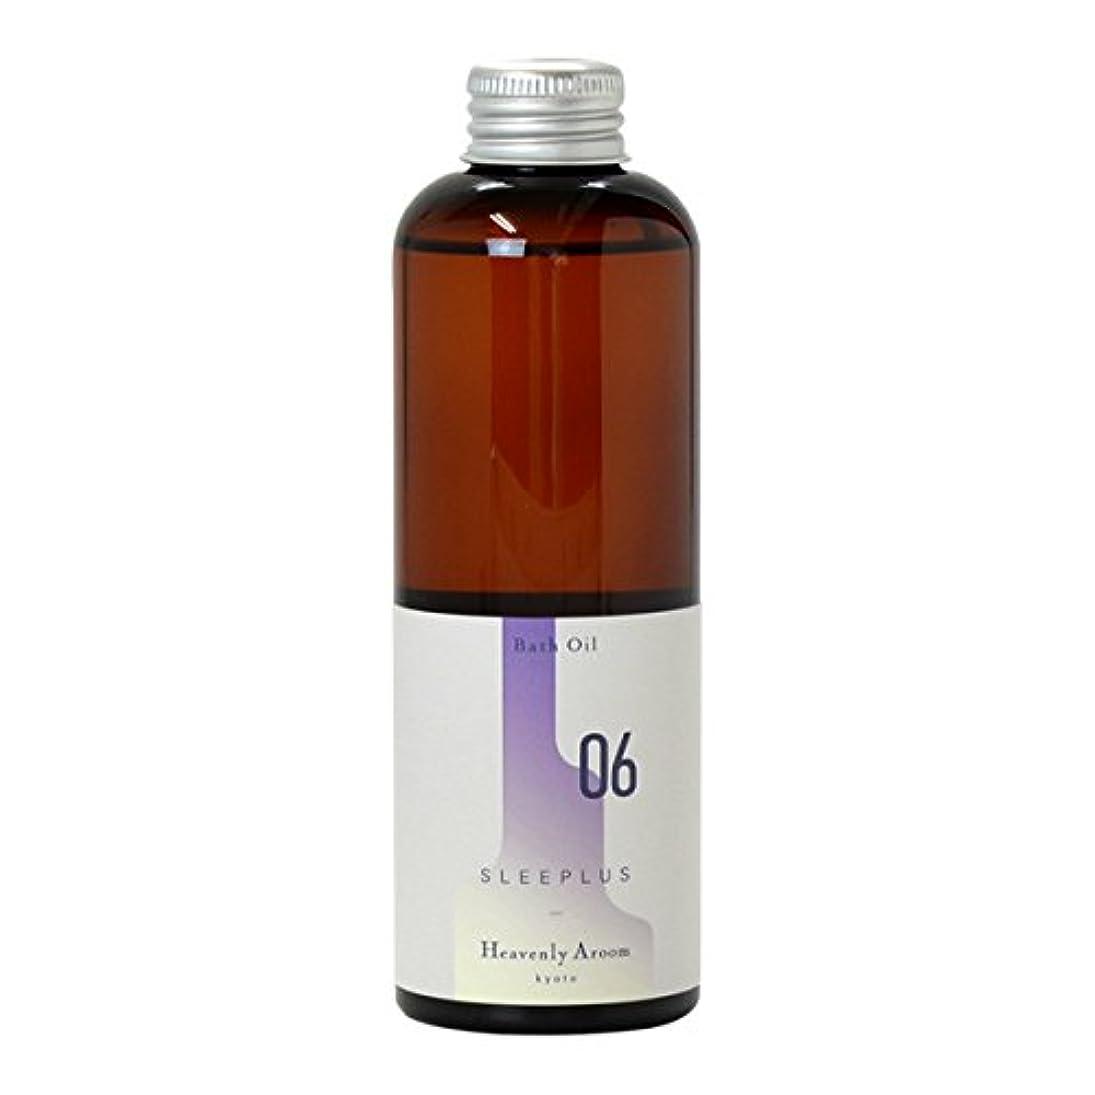 石油厄介なドライバHeavenly Aroom バスオイル SLEEPLUS 06 ラベンダーバニラ 200ml